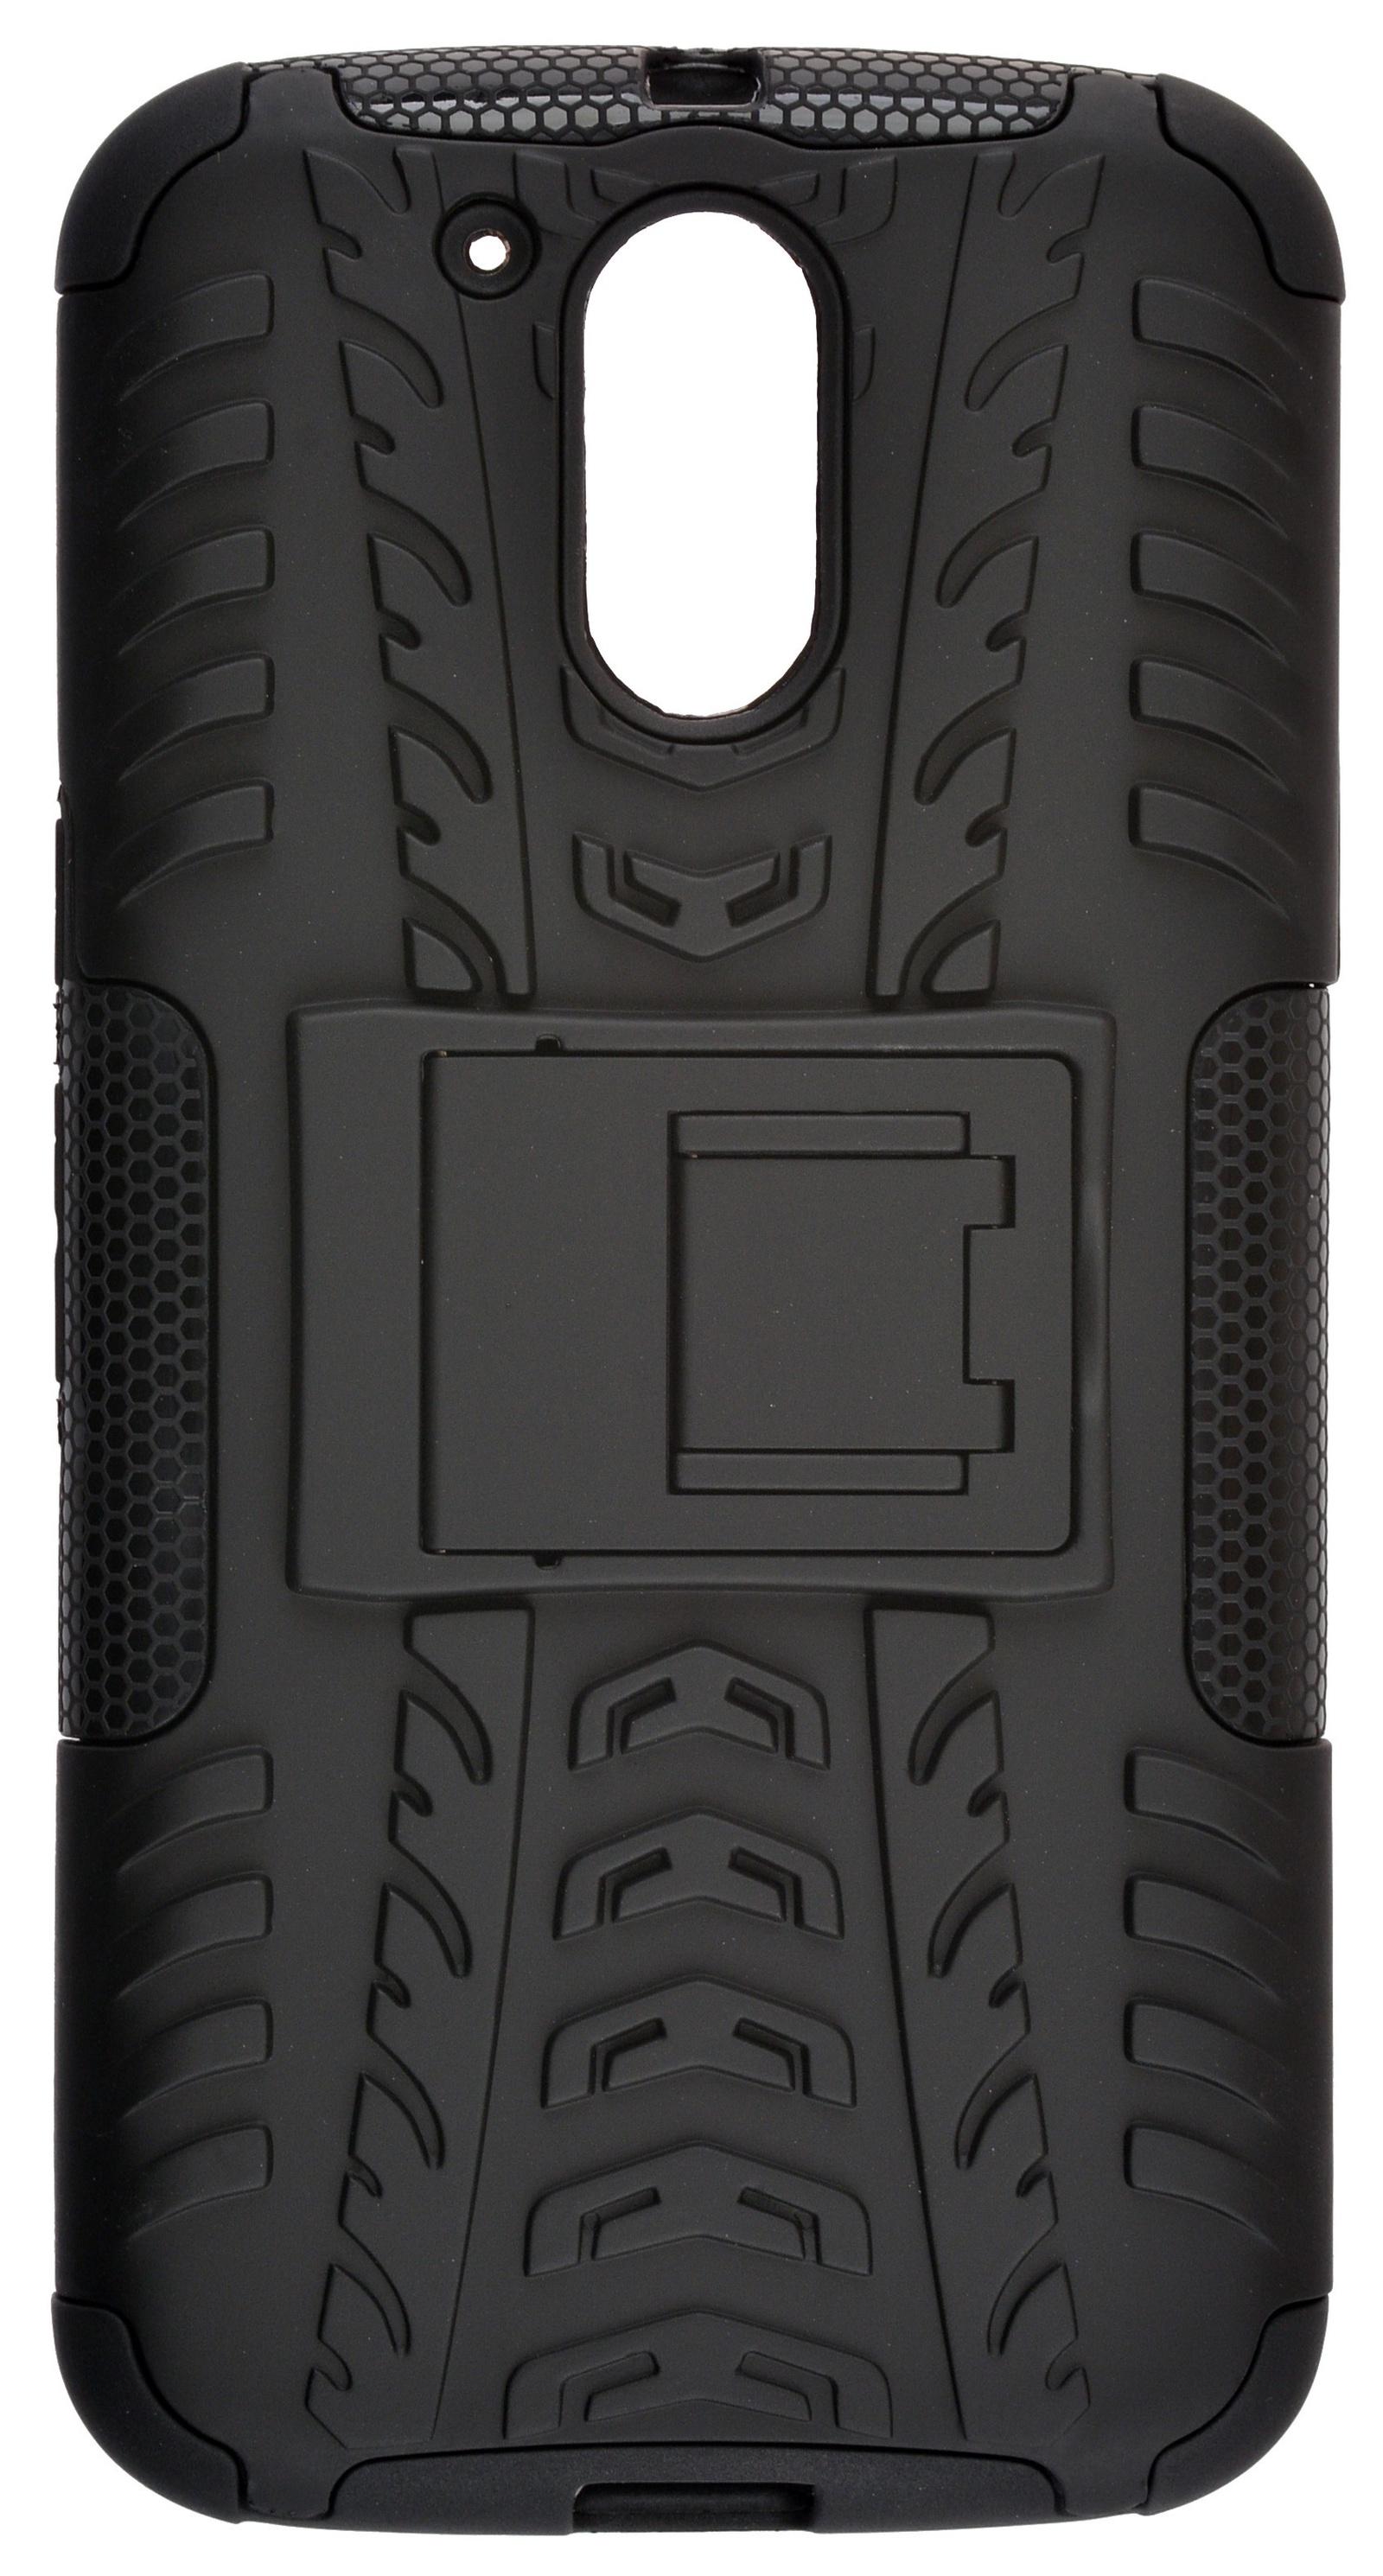 Чехол для сотового телефона skinBOX Defender, 4630042529212, черный skinbox flip case чехол для samsung galaxy y black